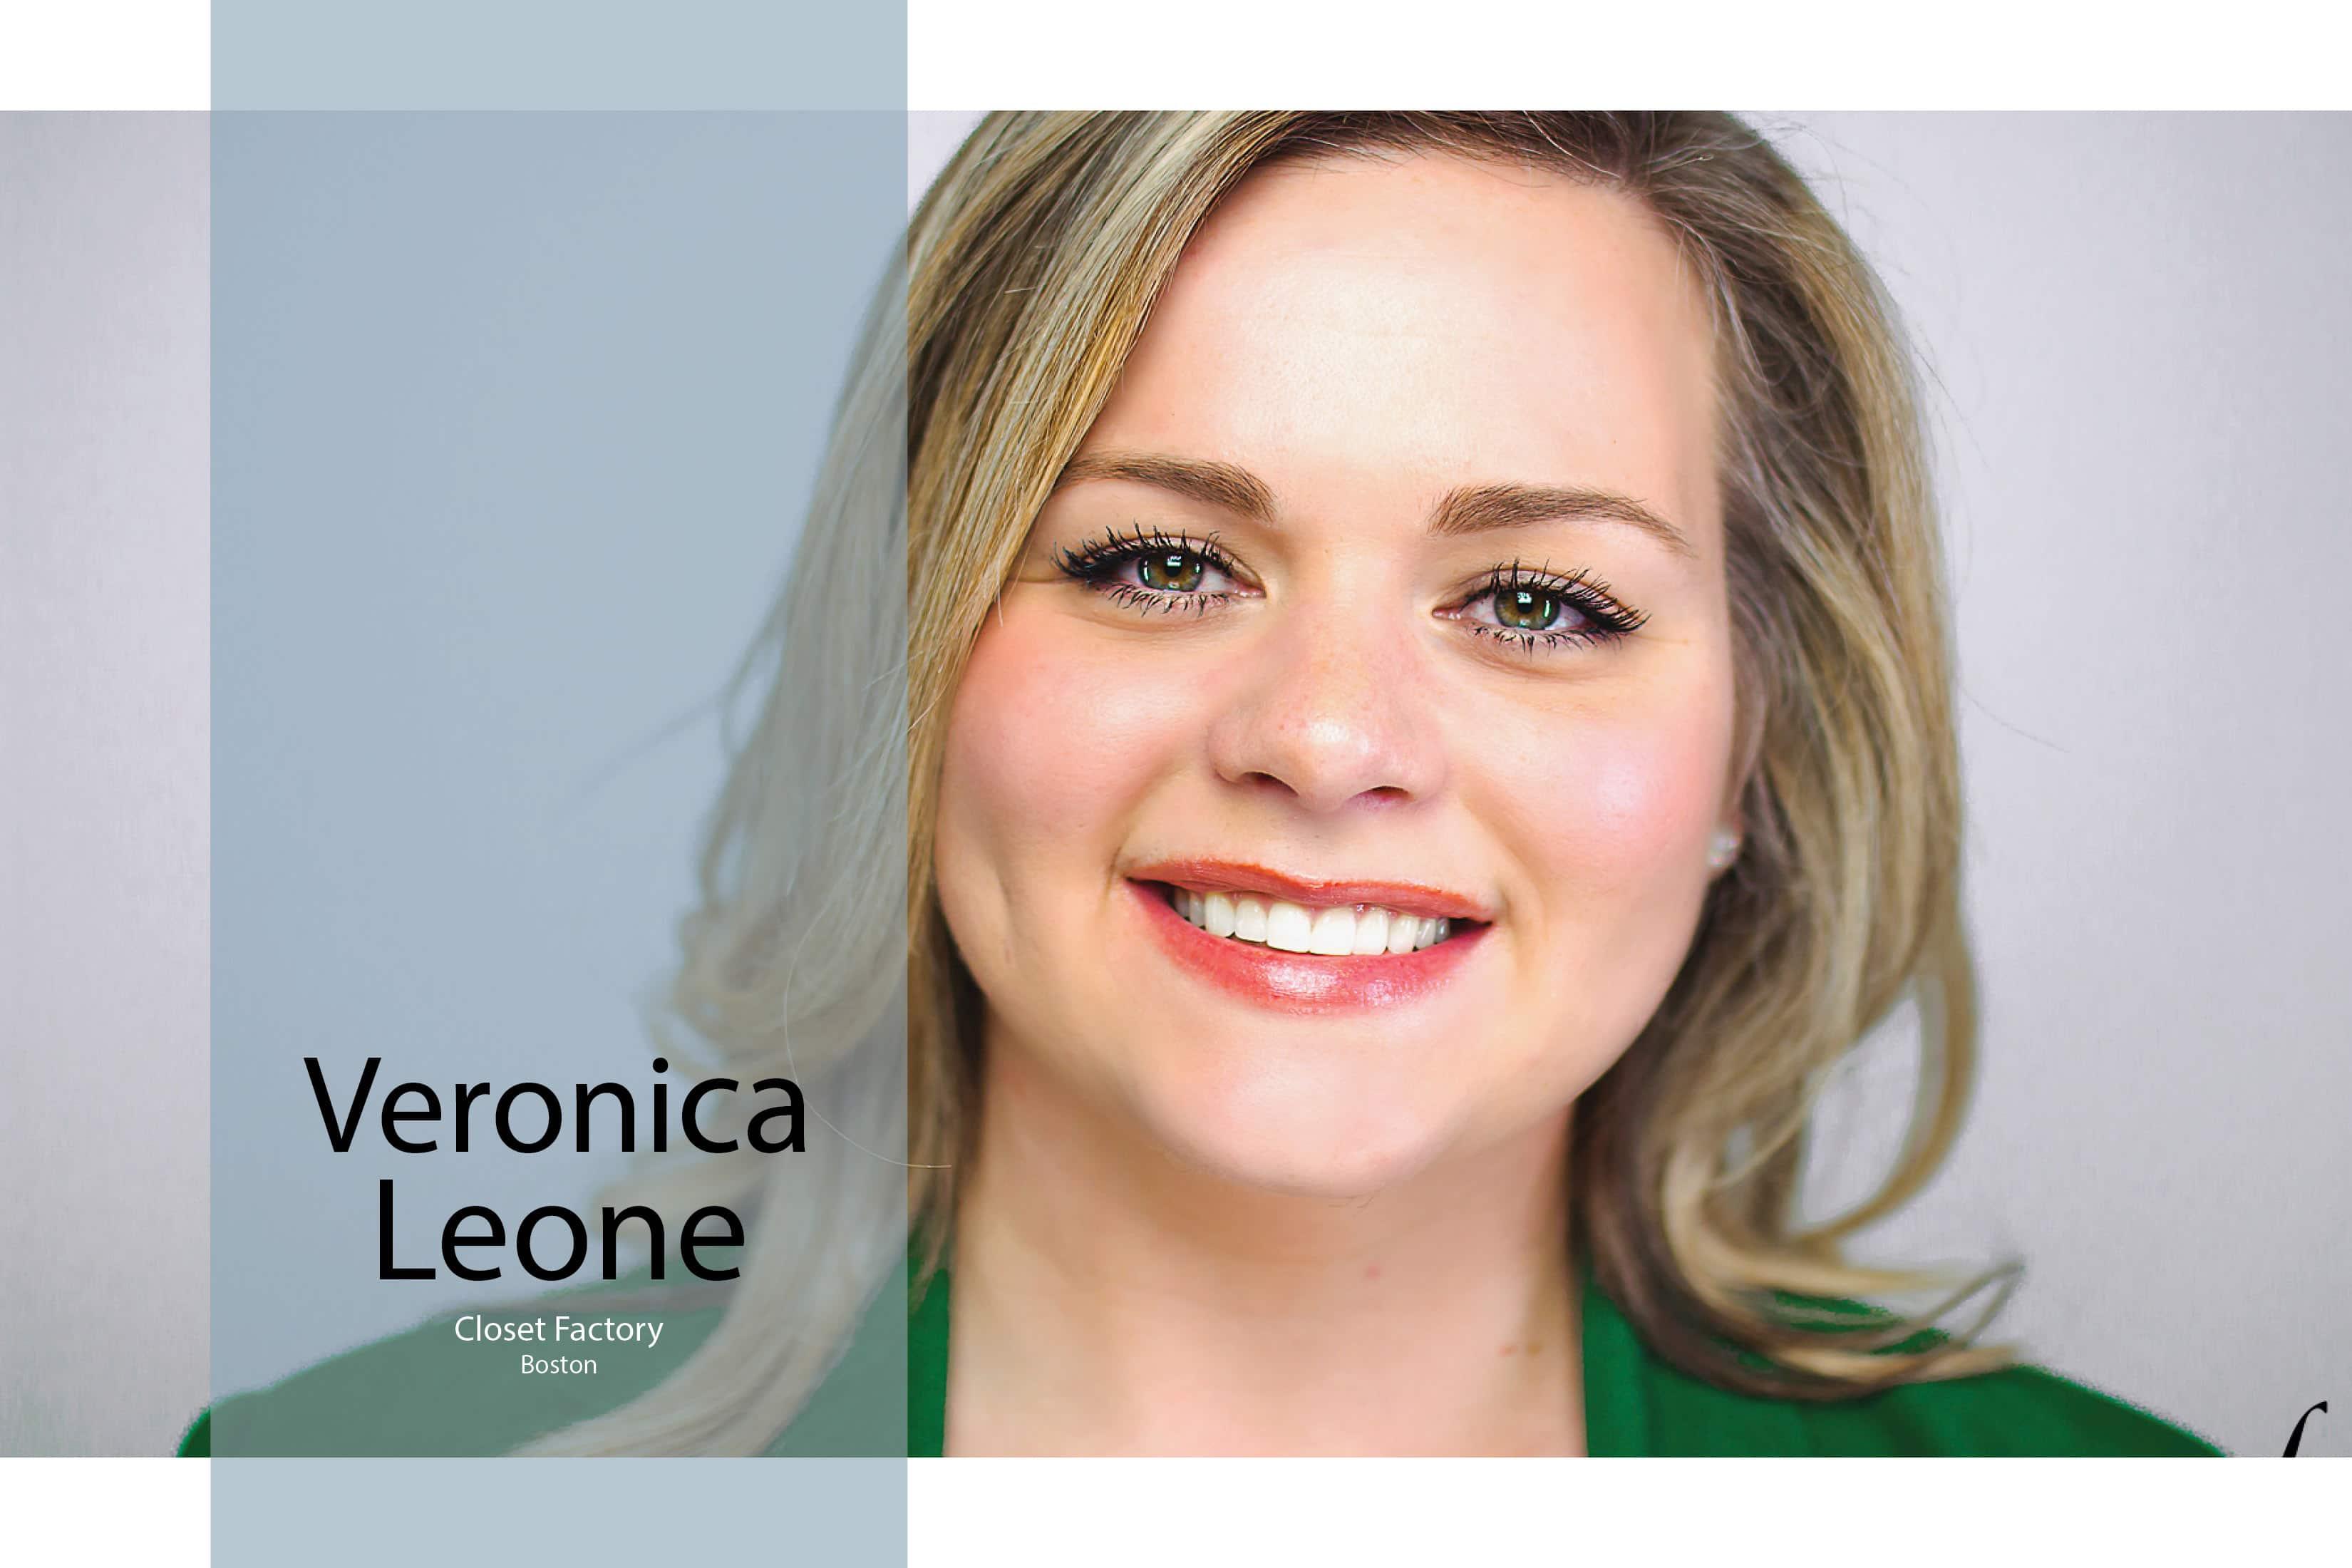 Veronica Leone Closet Factory